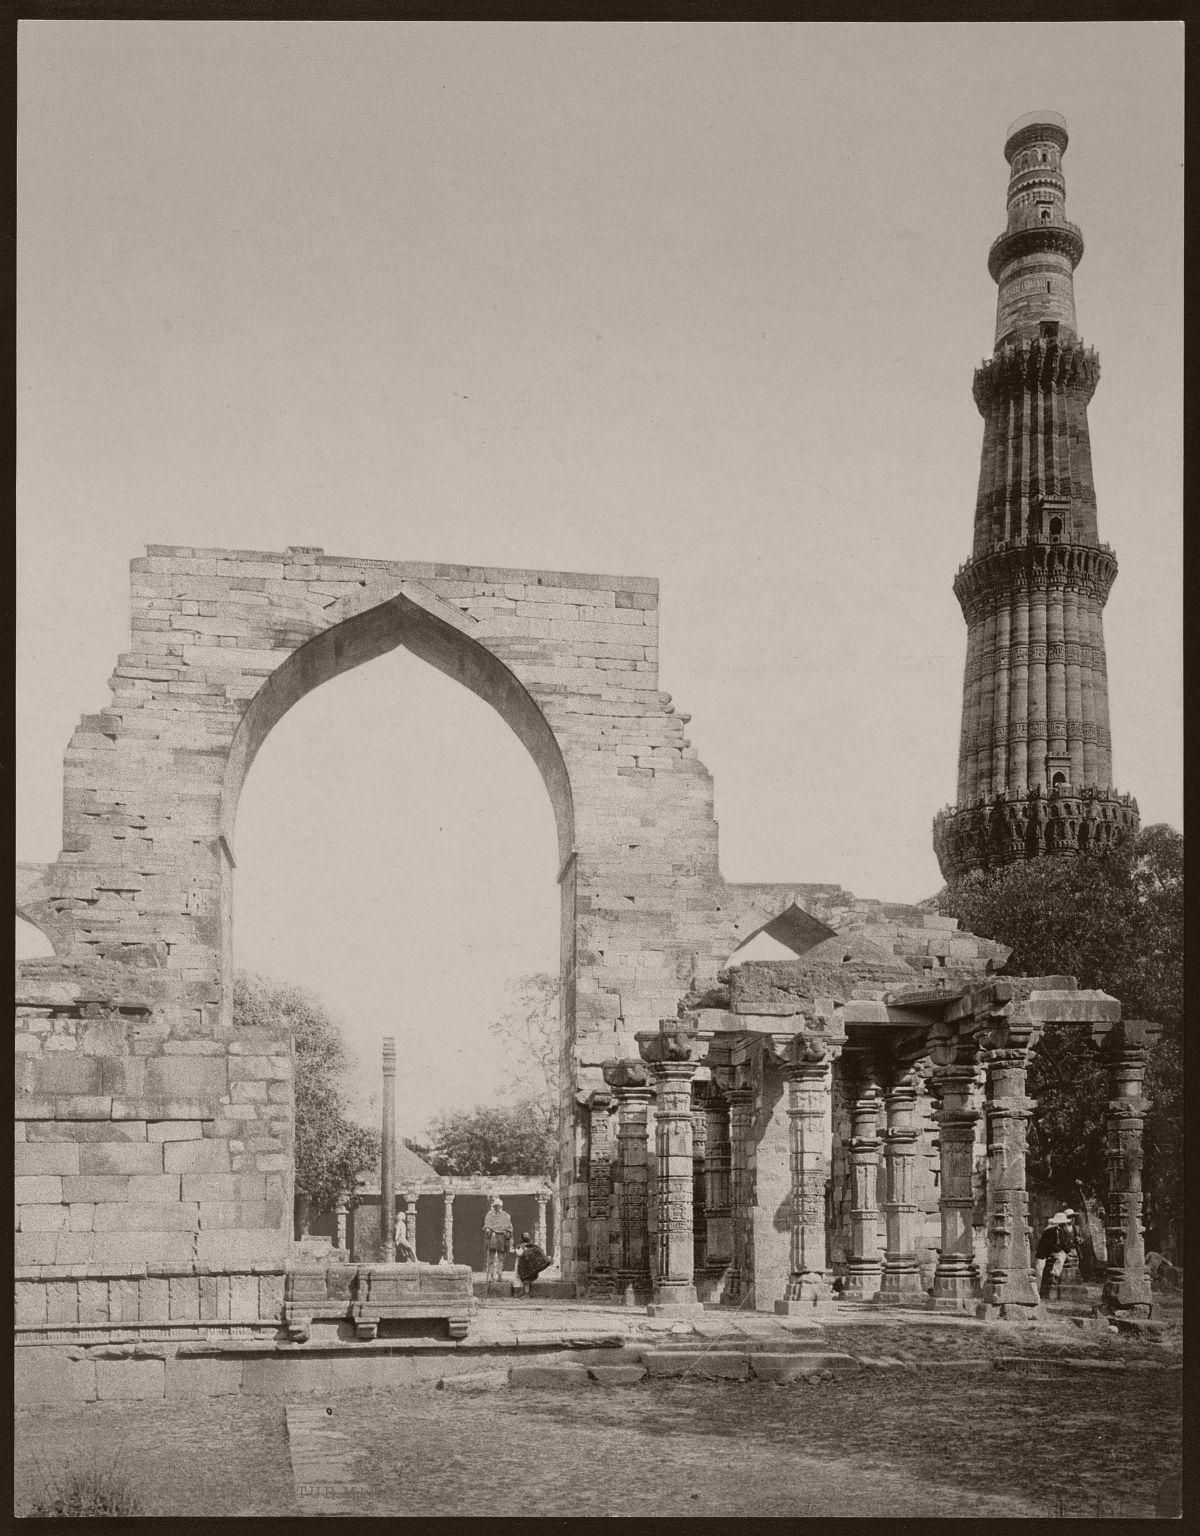 Delhi. Kutub Minar